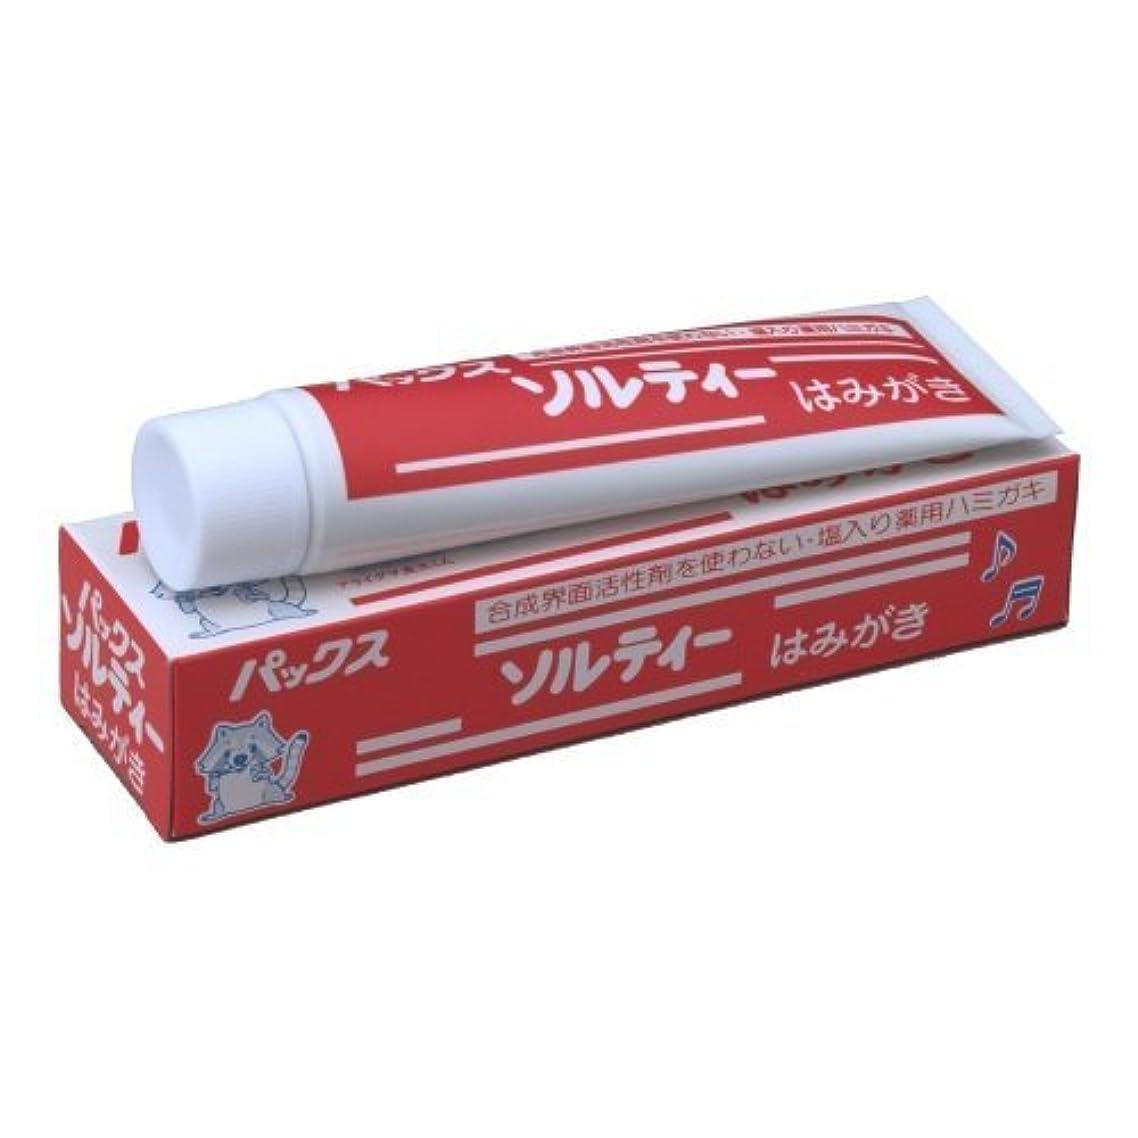 ウッズトランジスタファーザーファージュパックスソルティー齒磨き 80G【6個パック】